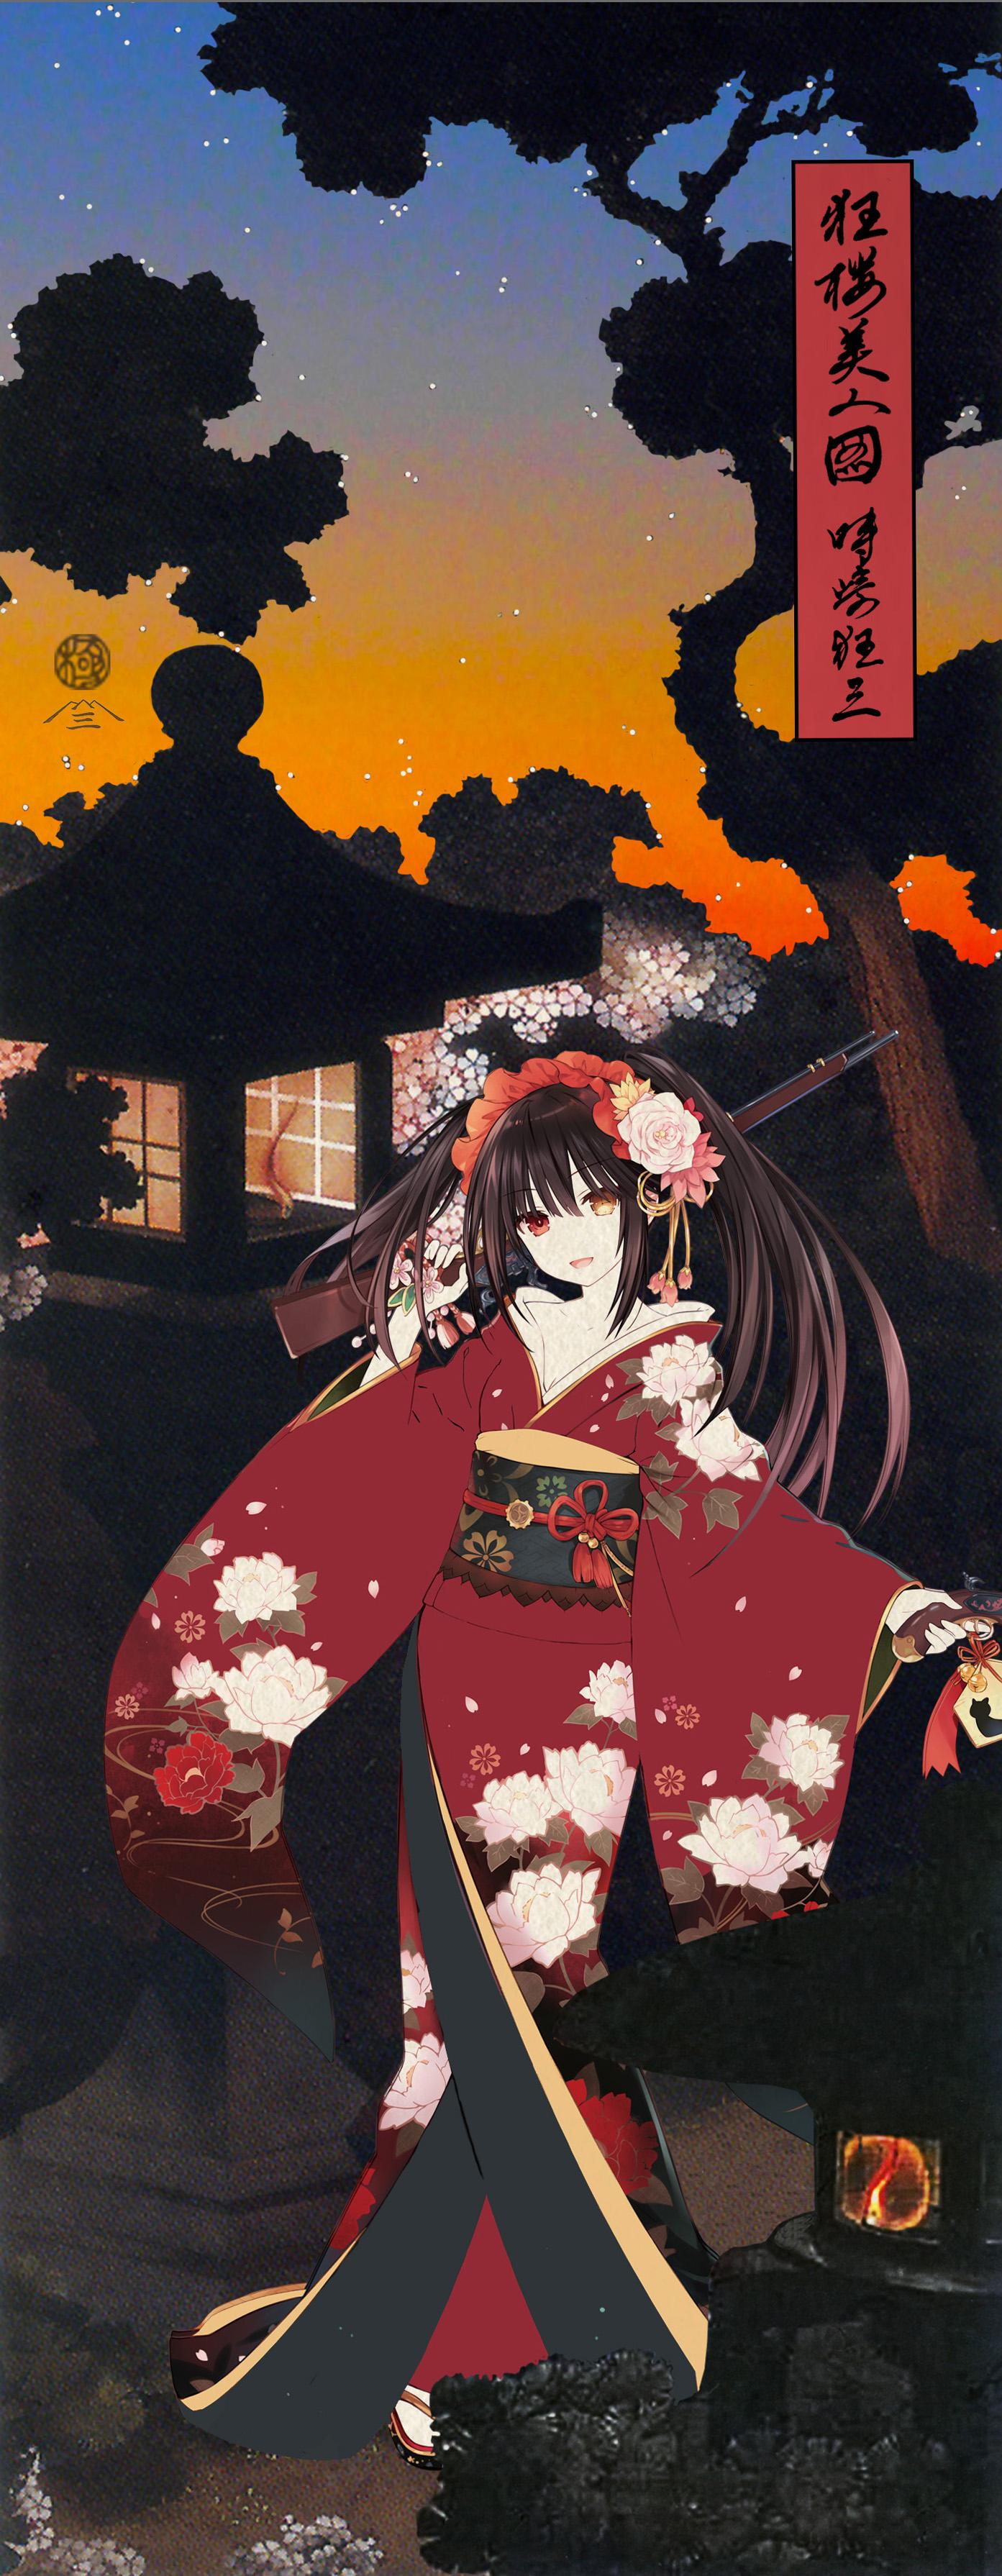 『デート・ア・ライブ』浮世絵木版画『狂桜美人図 時崎狂三』(一次受注分)